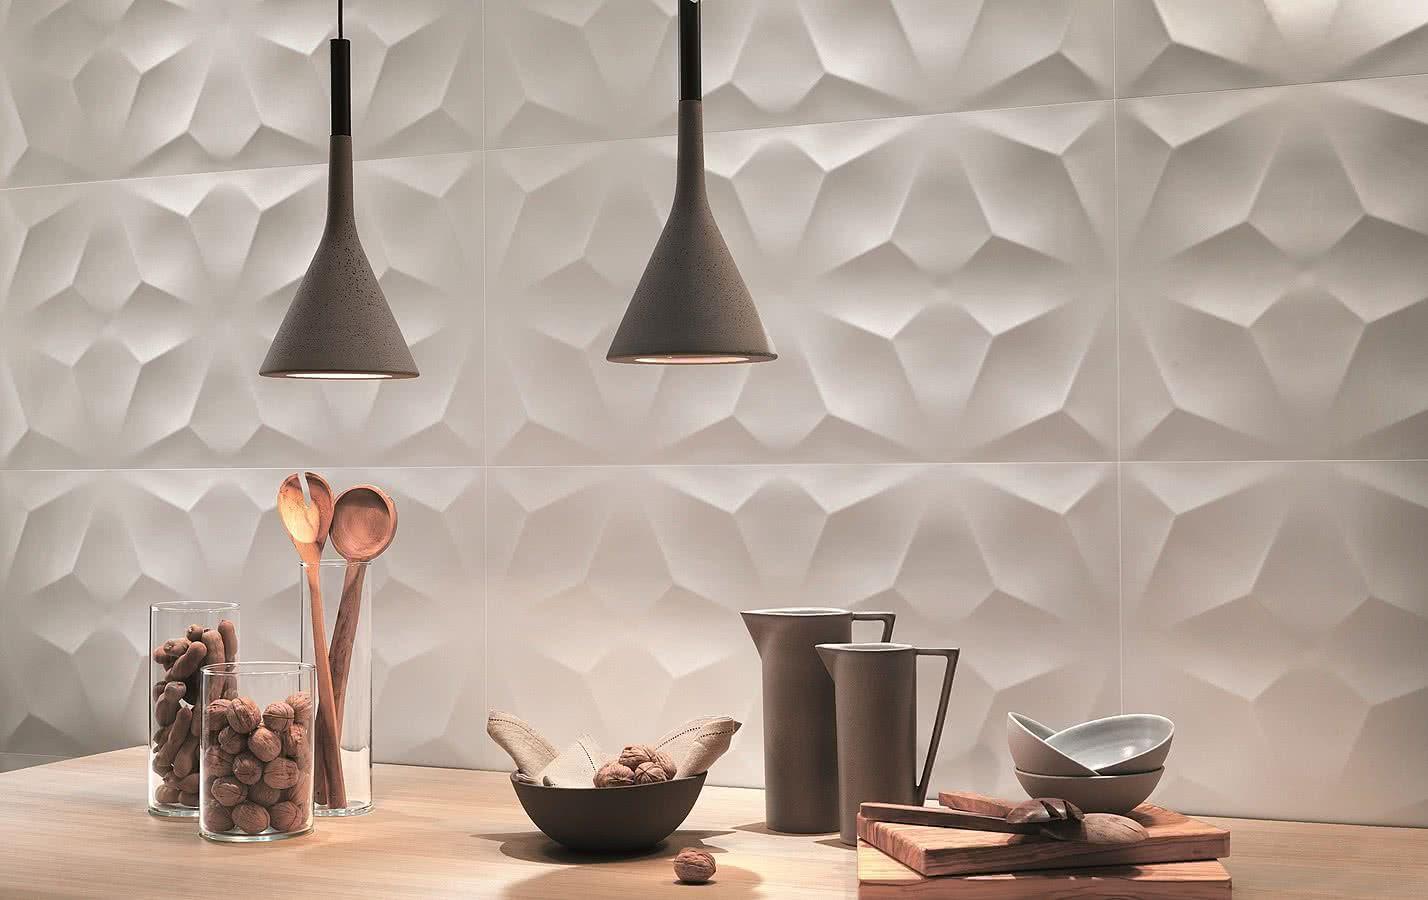 Berühmt Küchenfliesen Nitco Ideen - Ideen Für Die Küche Dekoration ...